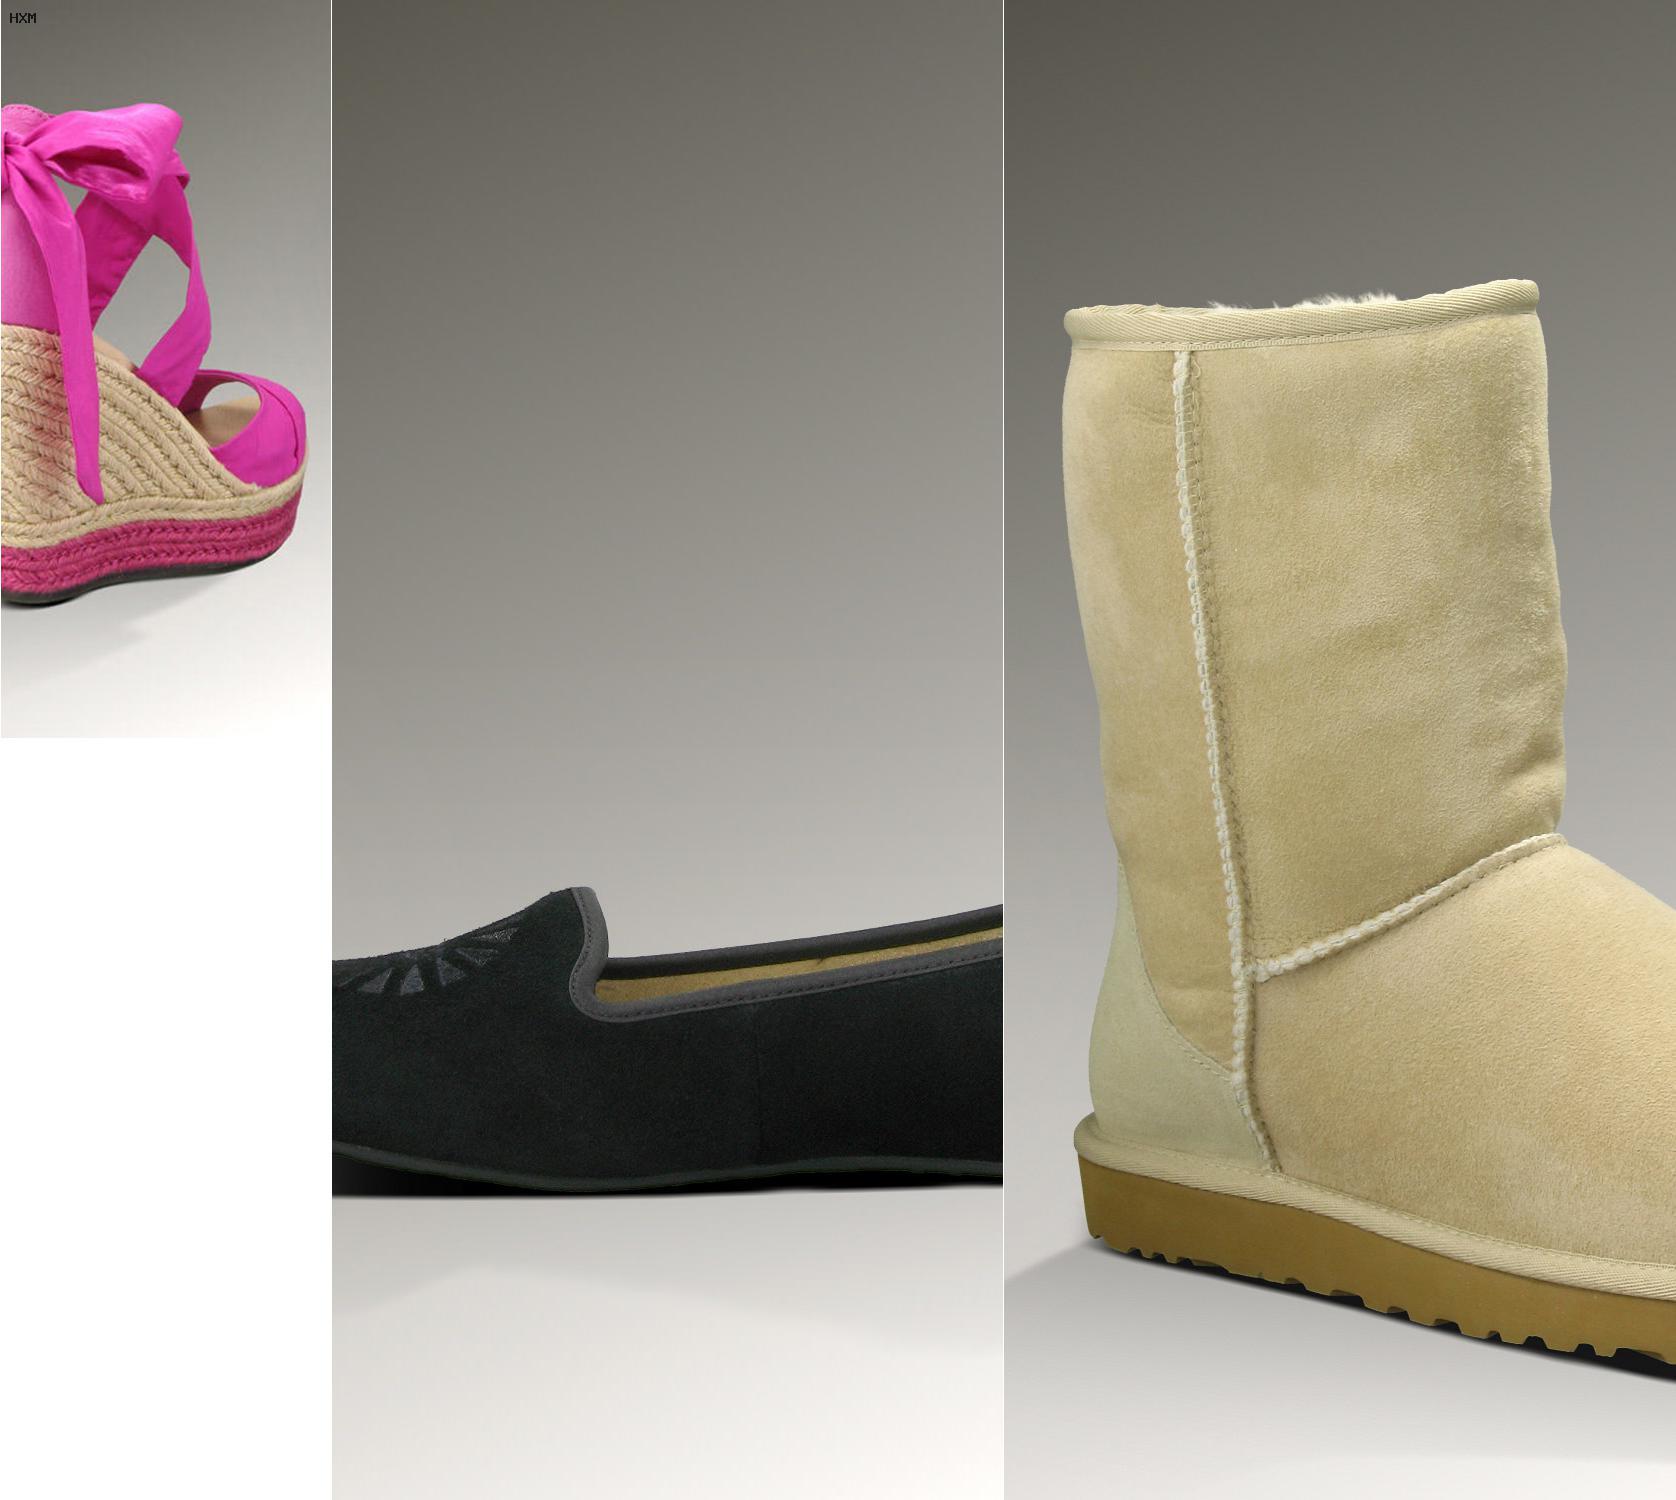 famoso marchio di stilisti stili di grande varietà sulle immagini di piedi di ugg mini grigio scuro